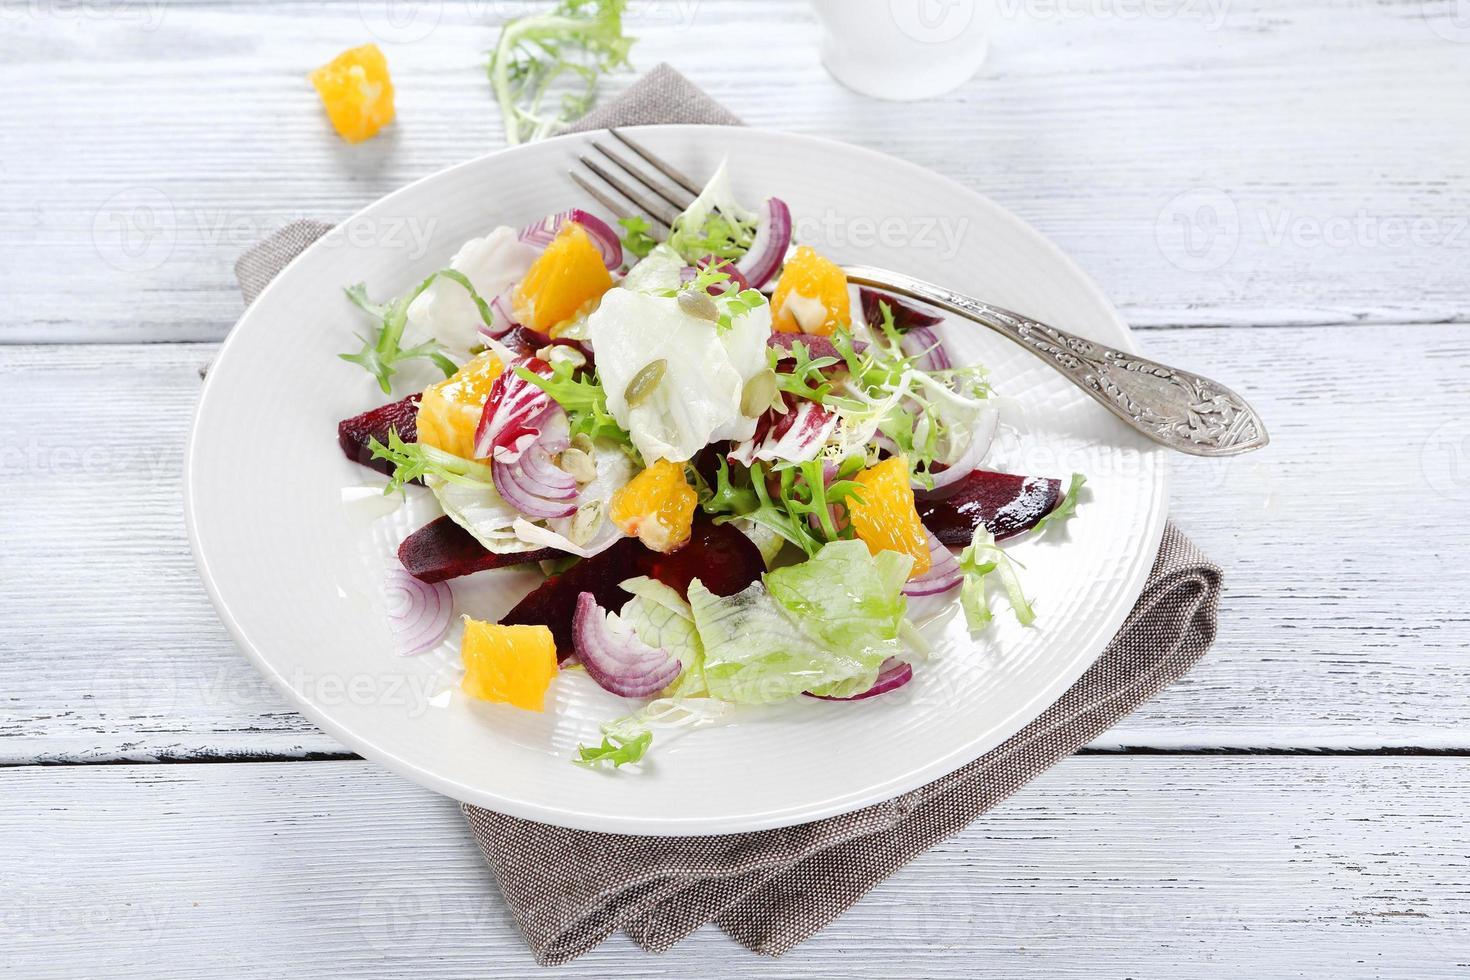 salade met saus op een bord foto